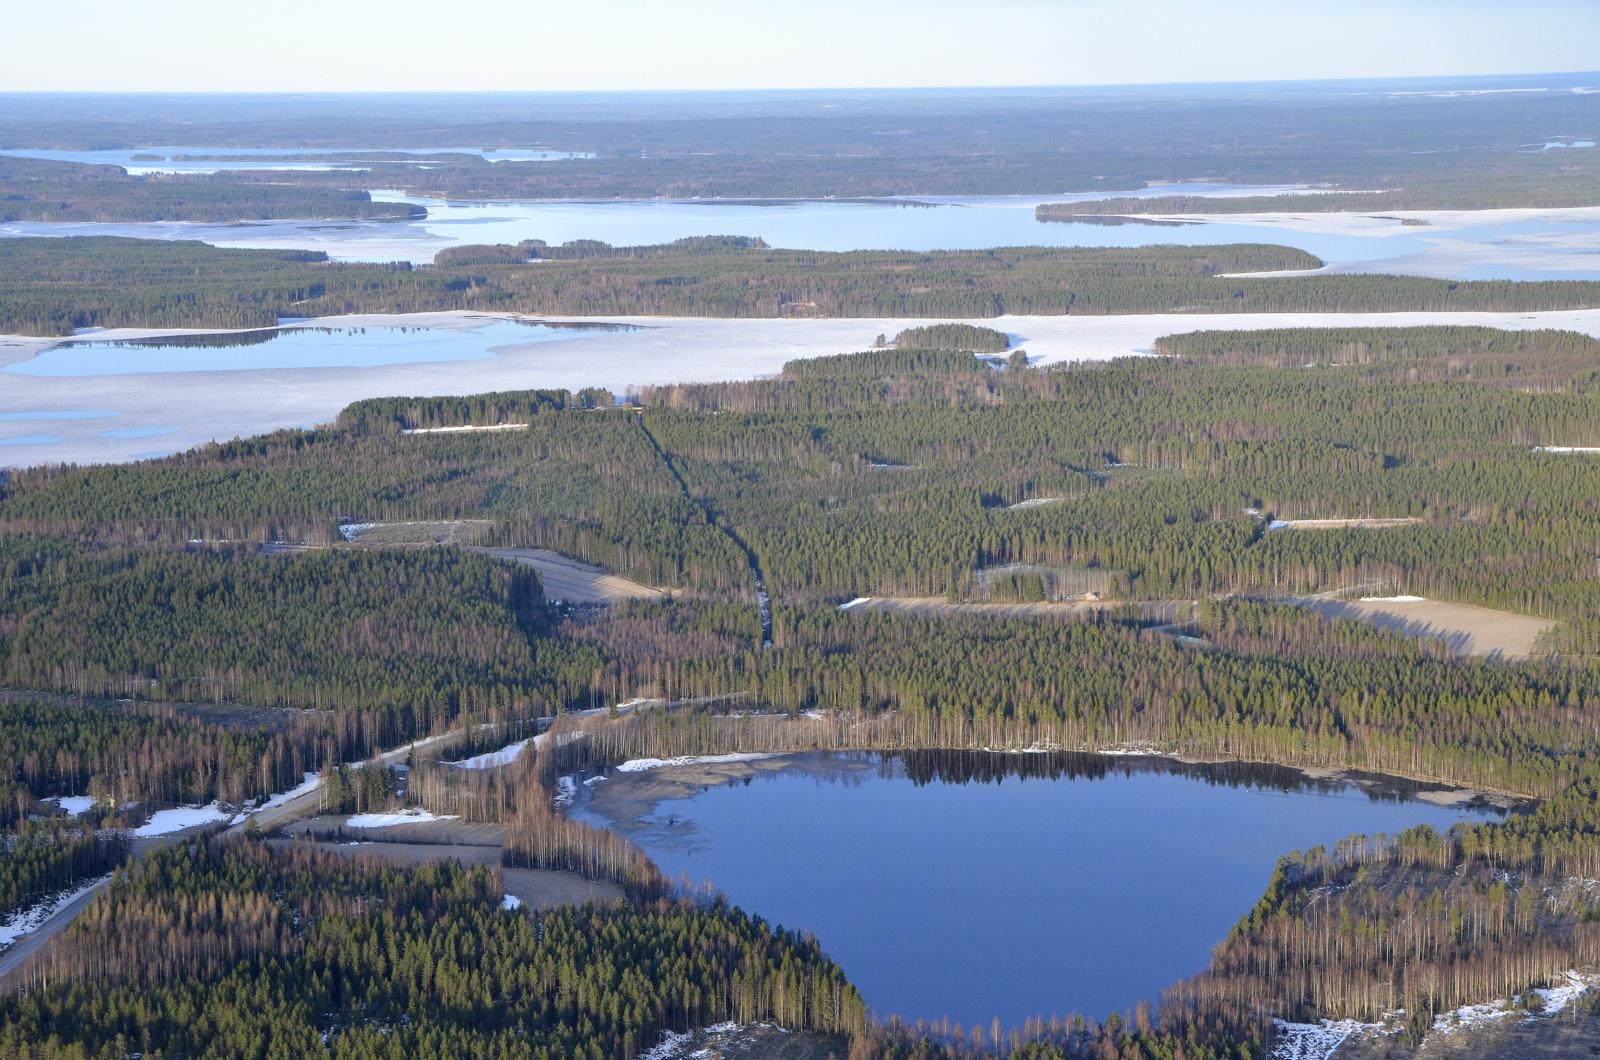 Naistenjärvi lähimpänä, Paanalanselkä seuraavana. Kauimmaisena Muuruejärvi, joka ainakin osin sula.